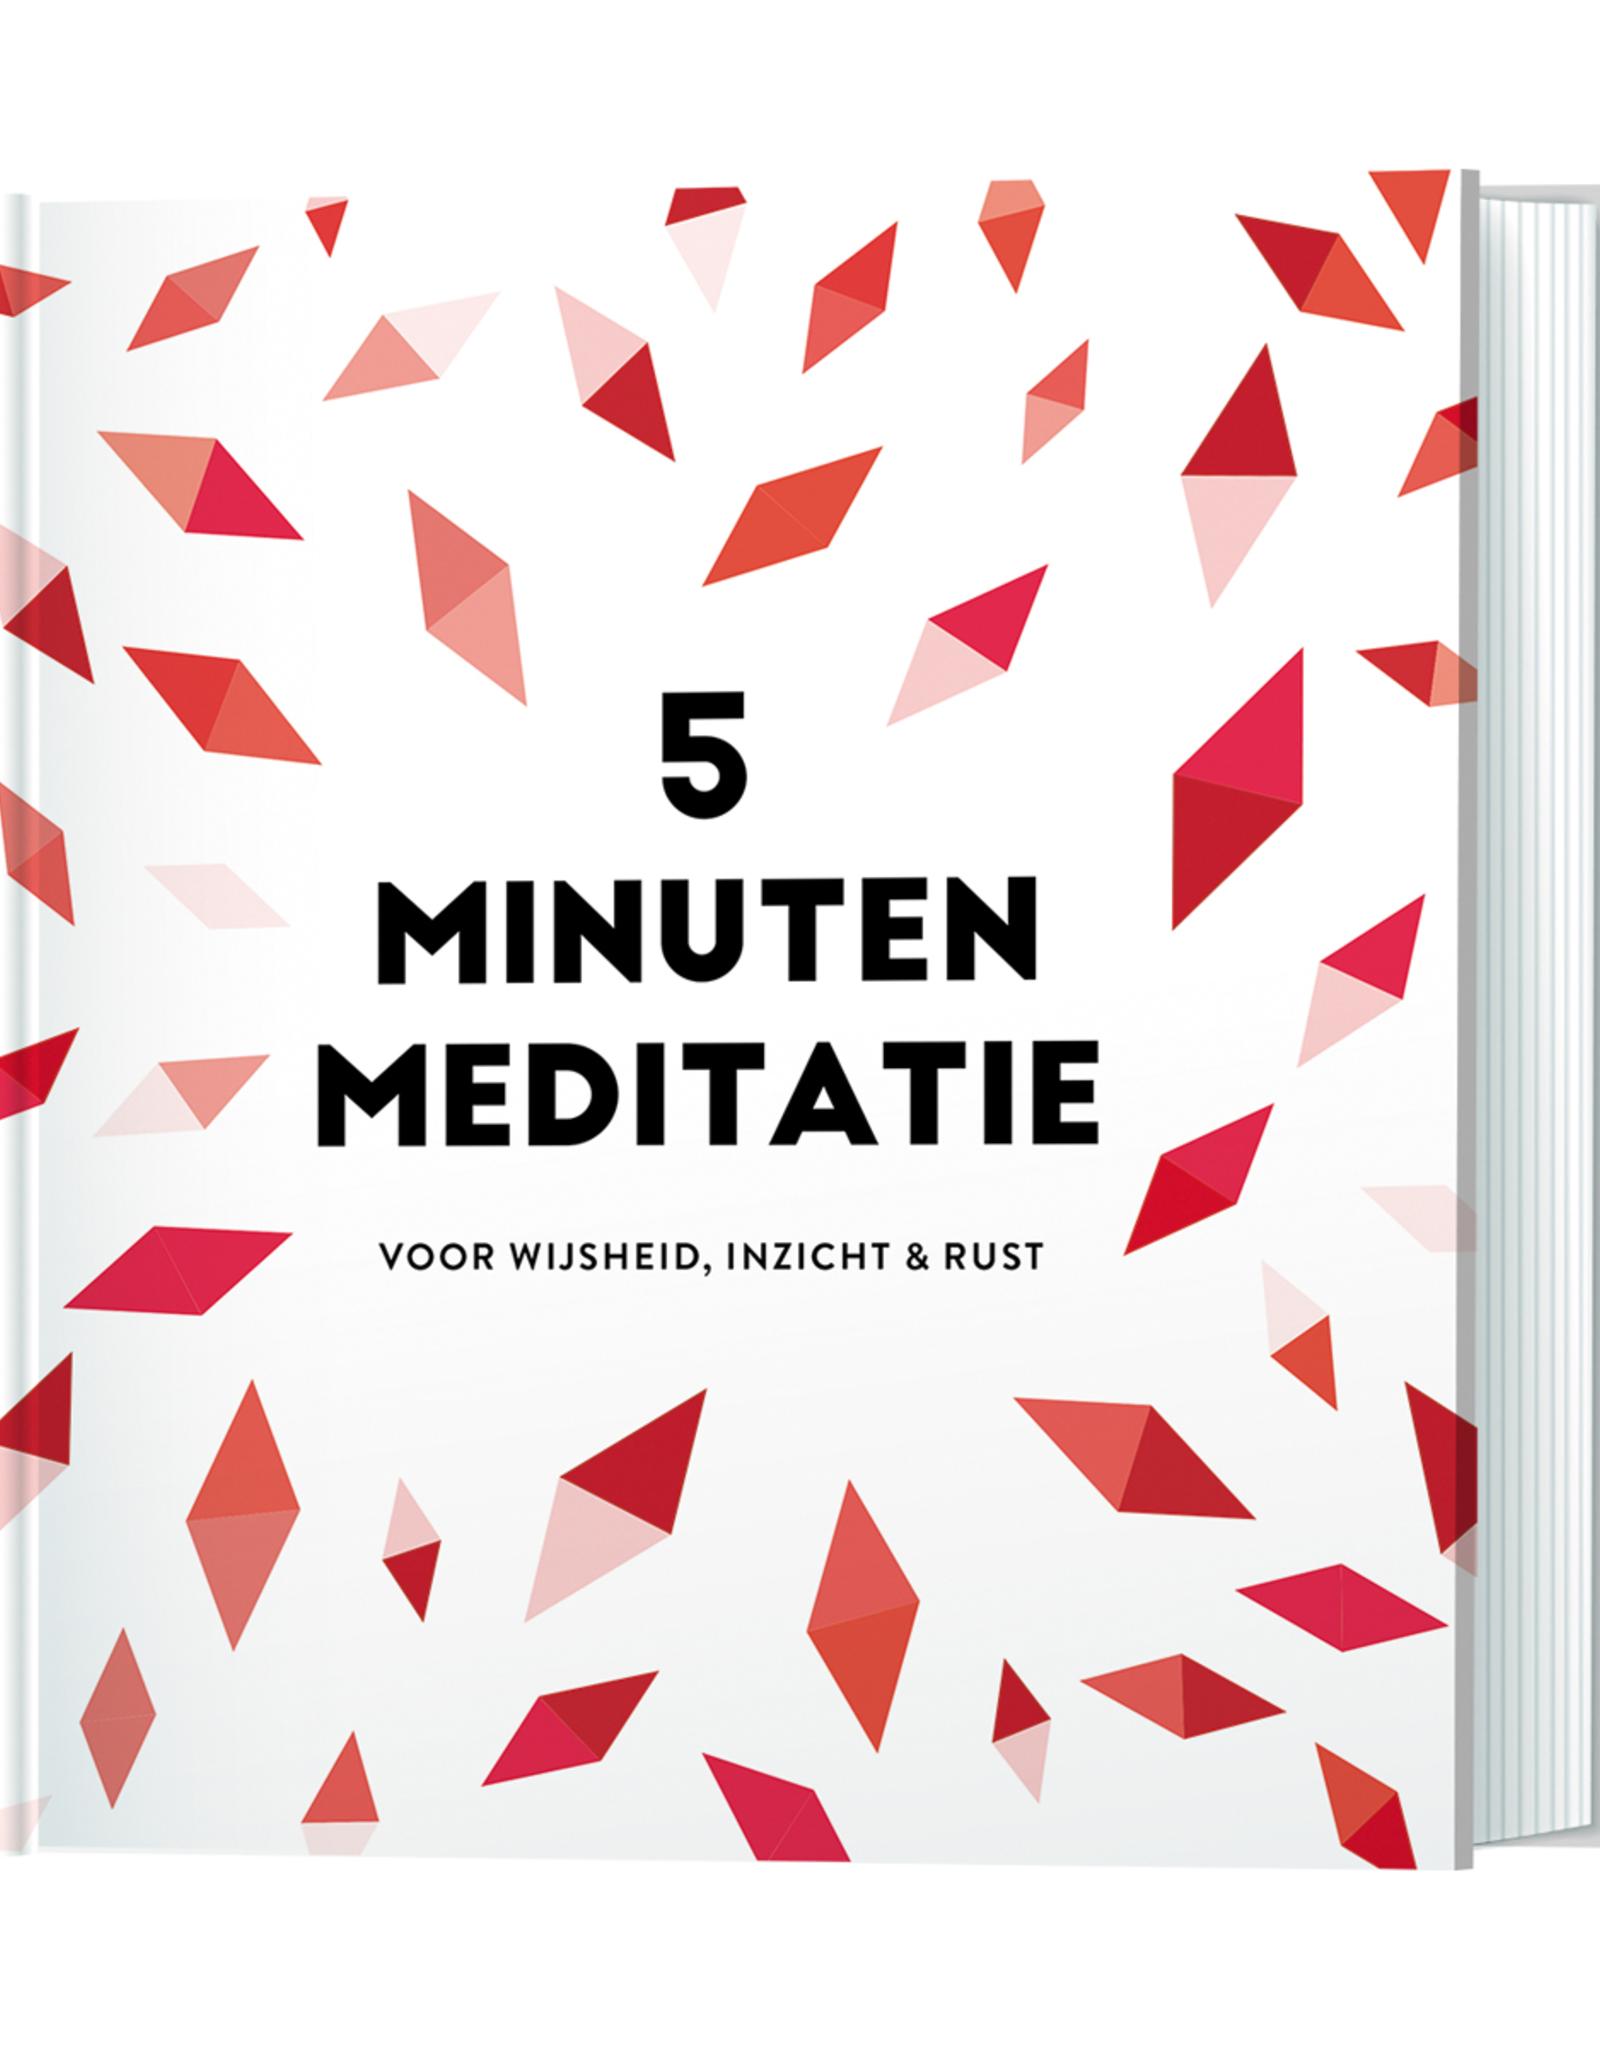 5 Minuten Meditatie - Voor Wijsheid, Inzicht & Rust